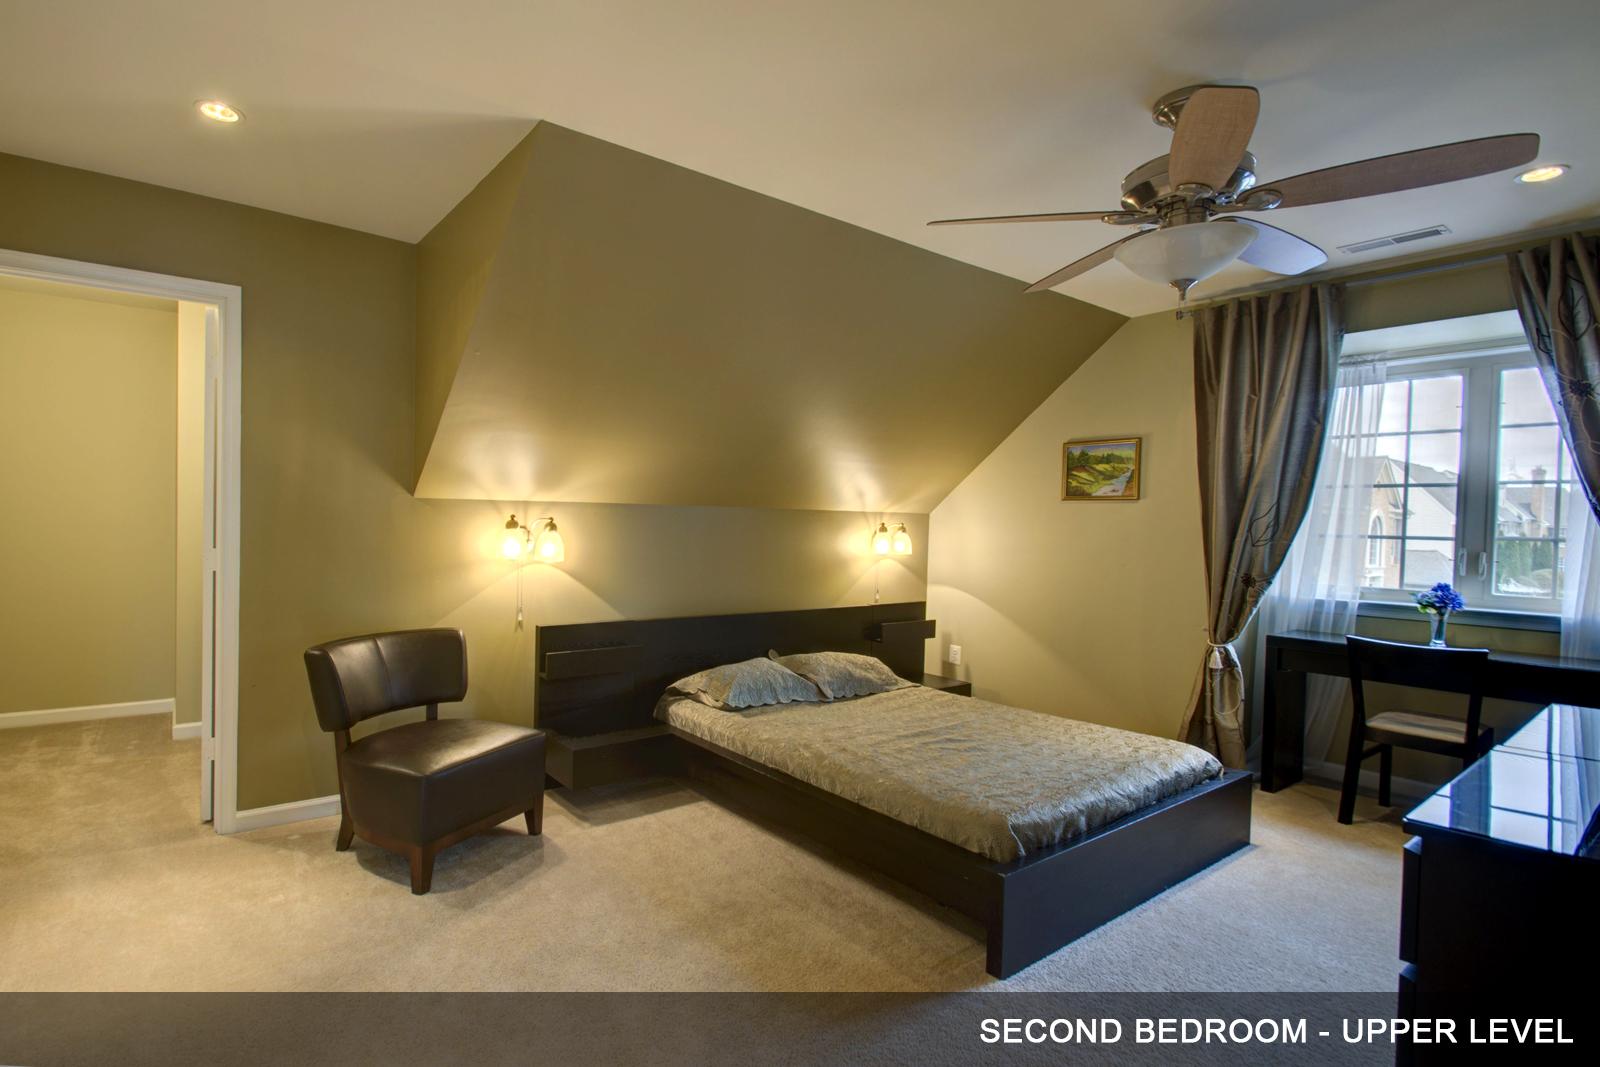 16-Second-Bedroom-a.jpg